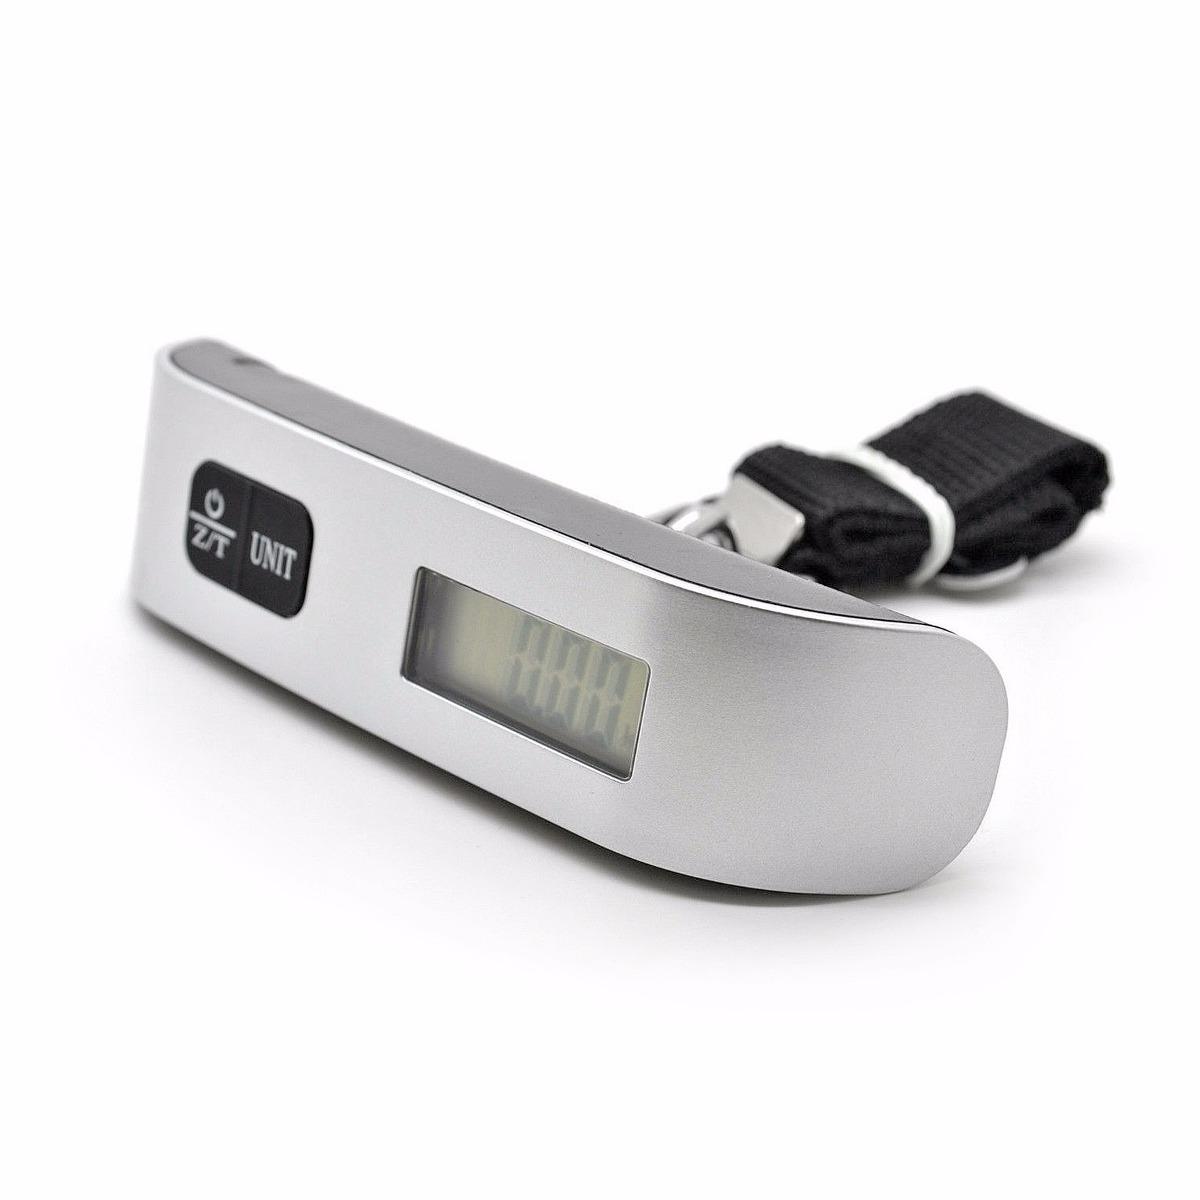 balança digital bolsa bagagem mala mão e termômetro lcd 50kg #6C6A5F 1200x1200 Balança De Banheiro Digital Mercado Livre